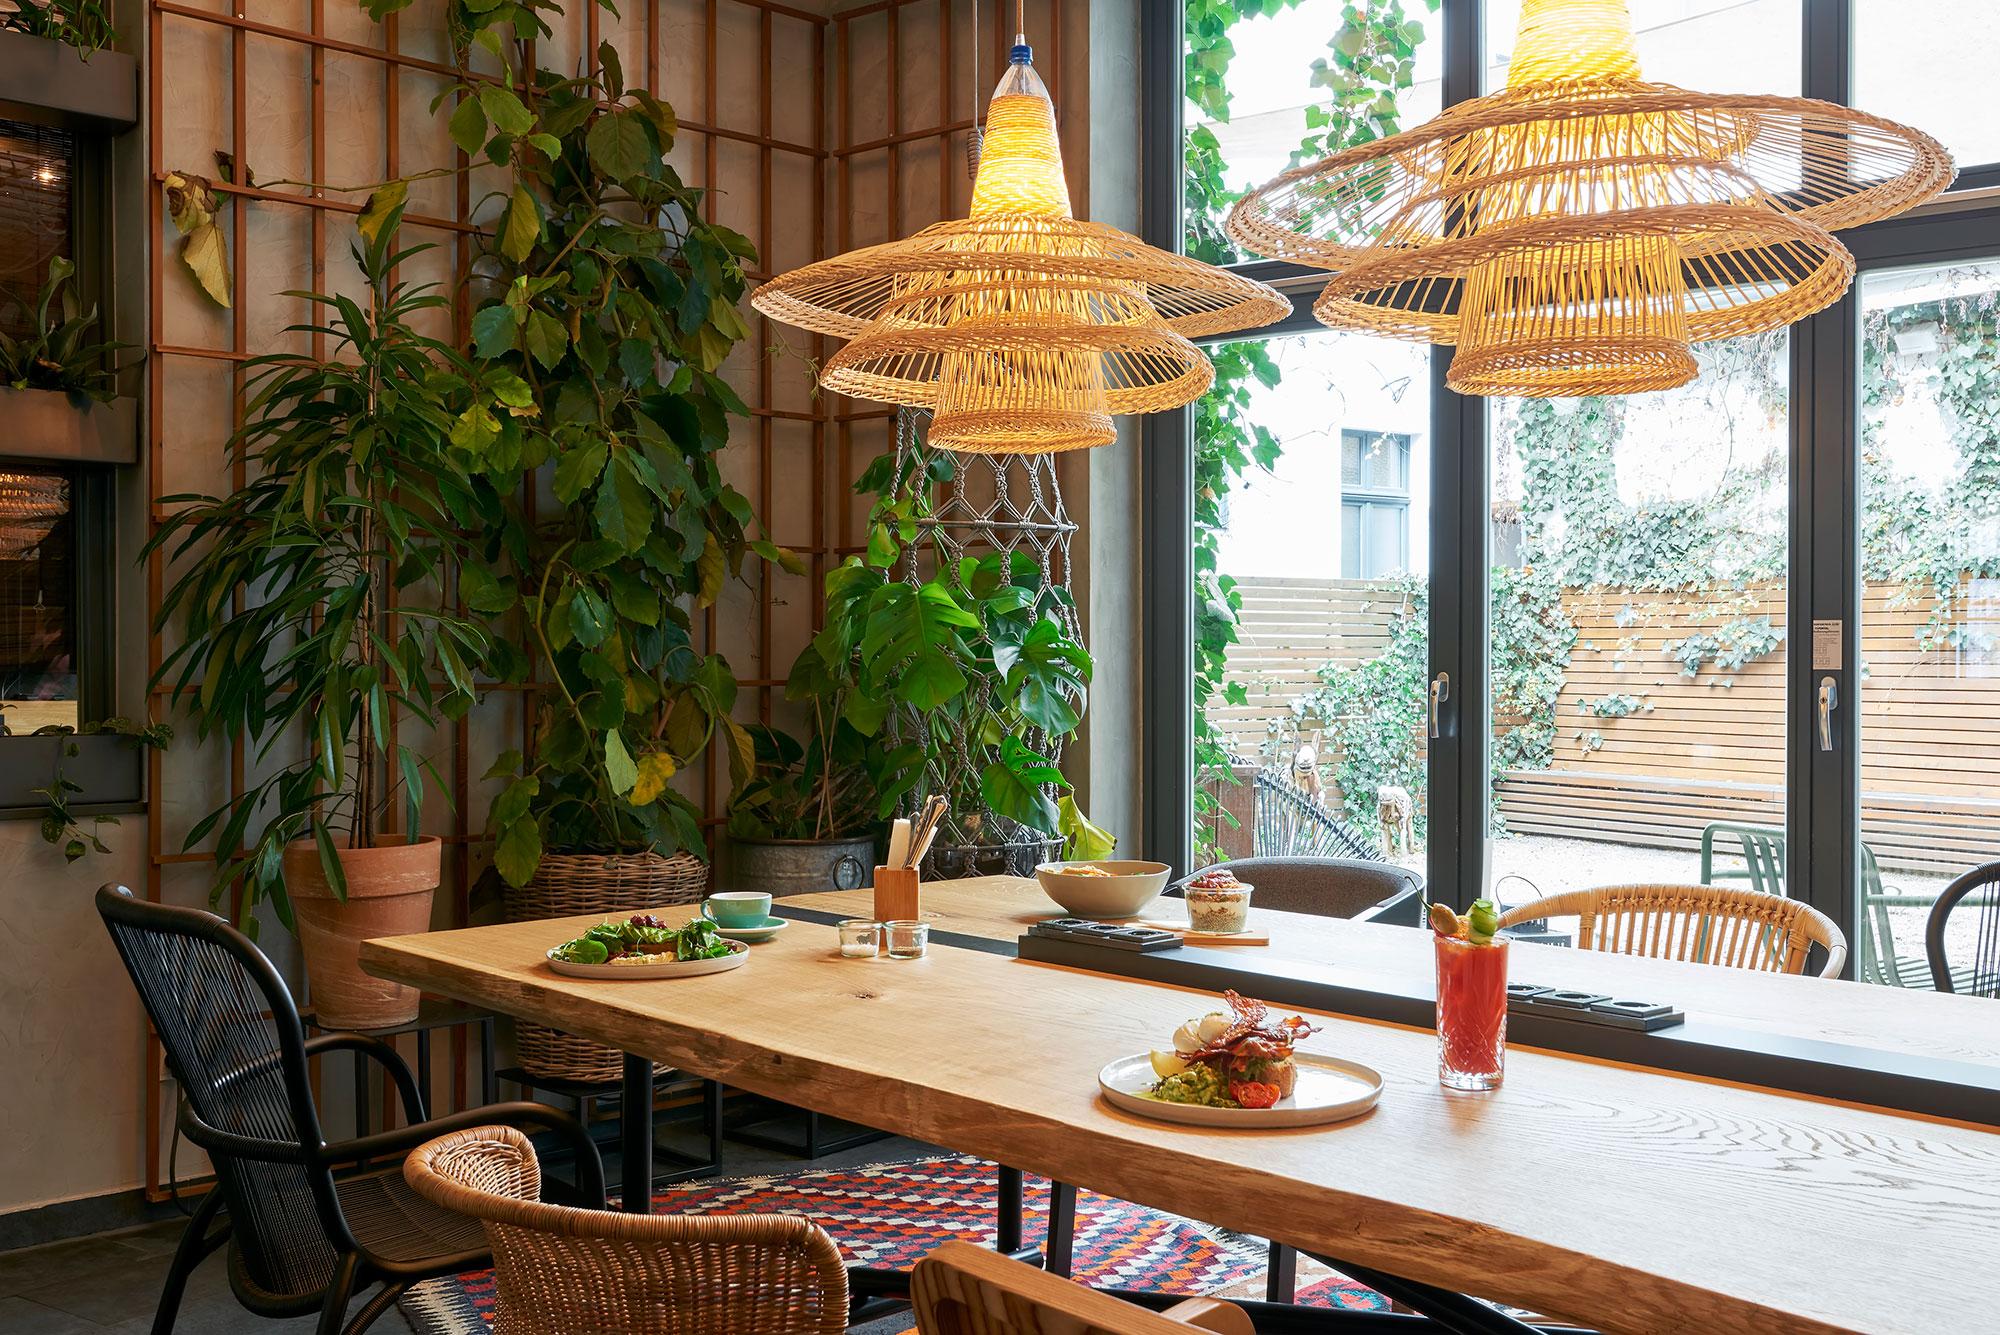 die besten neuen restaurants berlins amuse. Black Bedroom Furniture Sets. Home Design Ideas